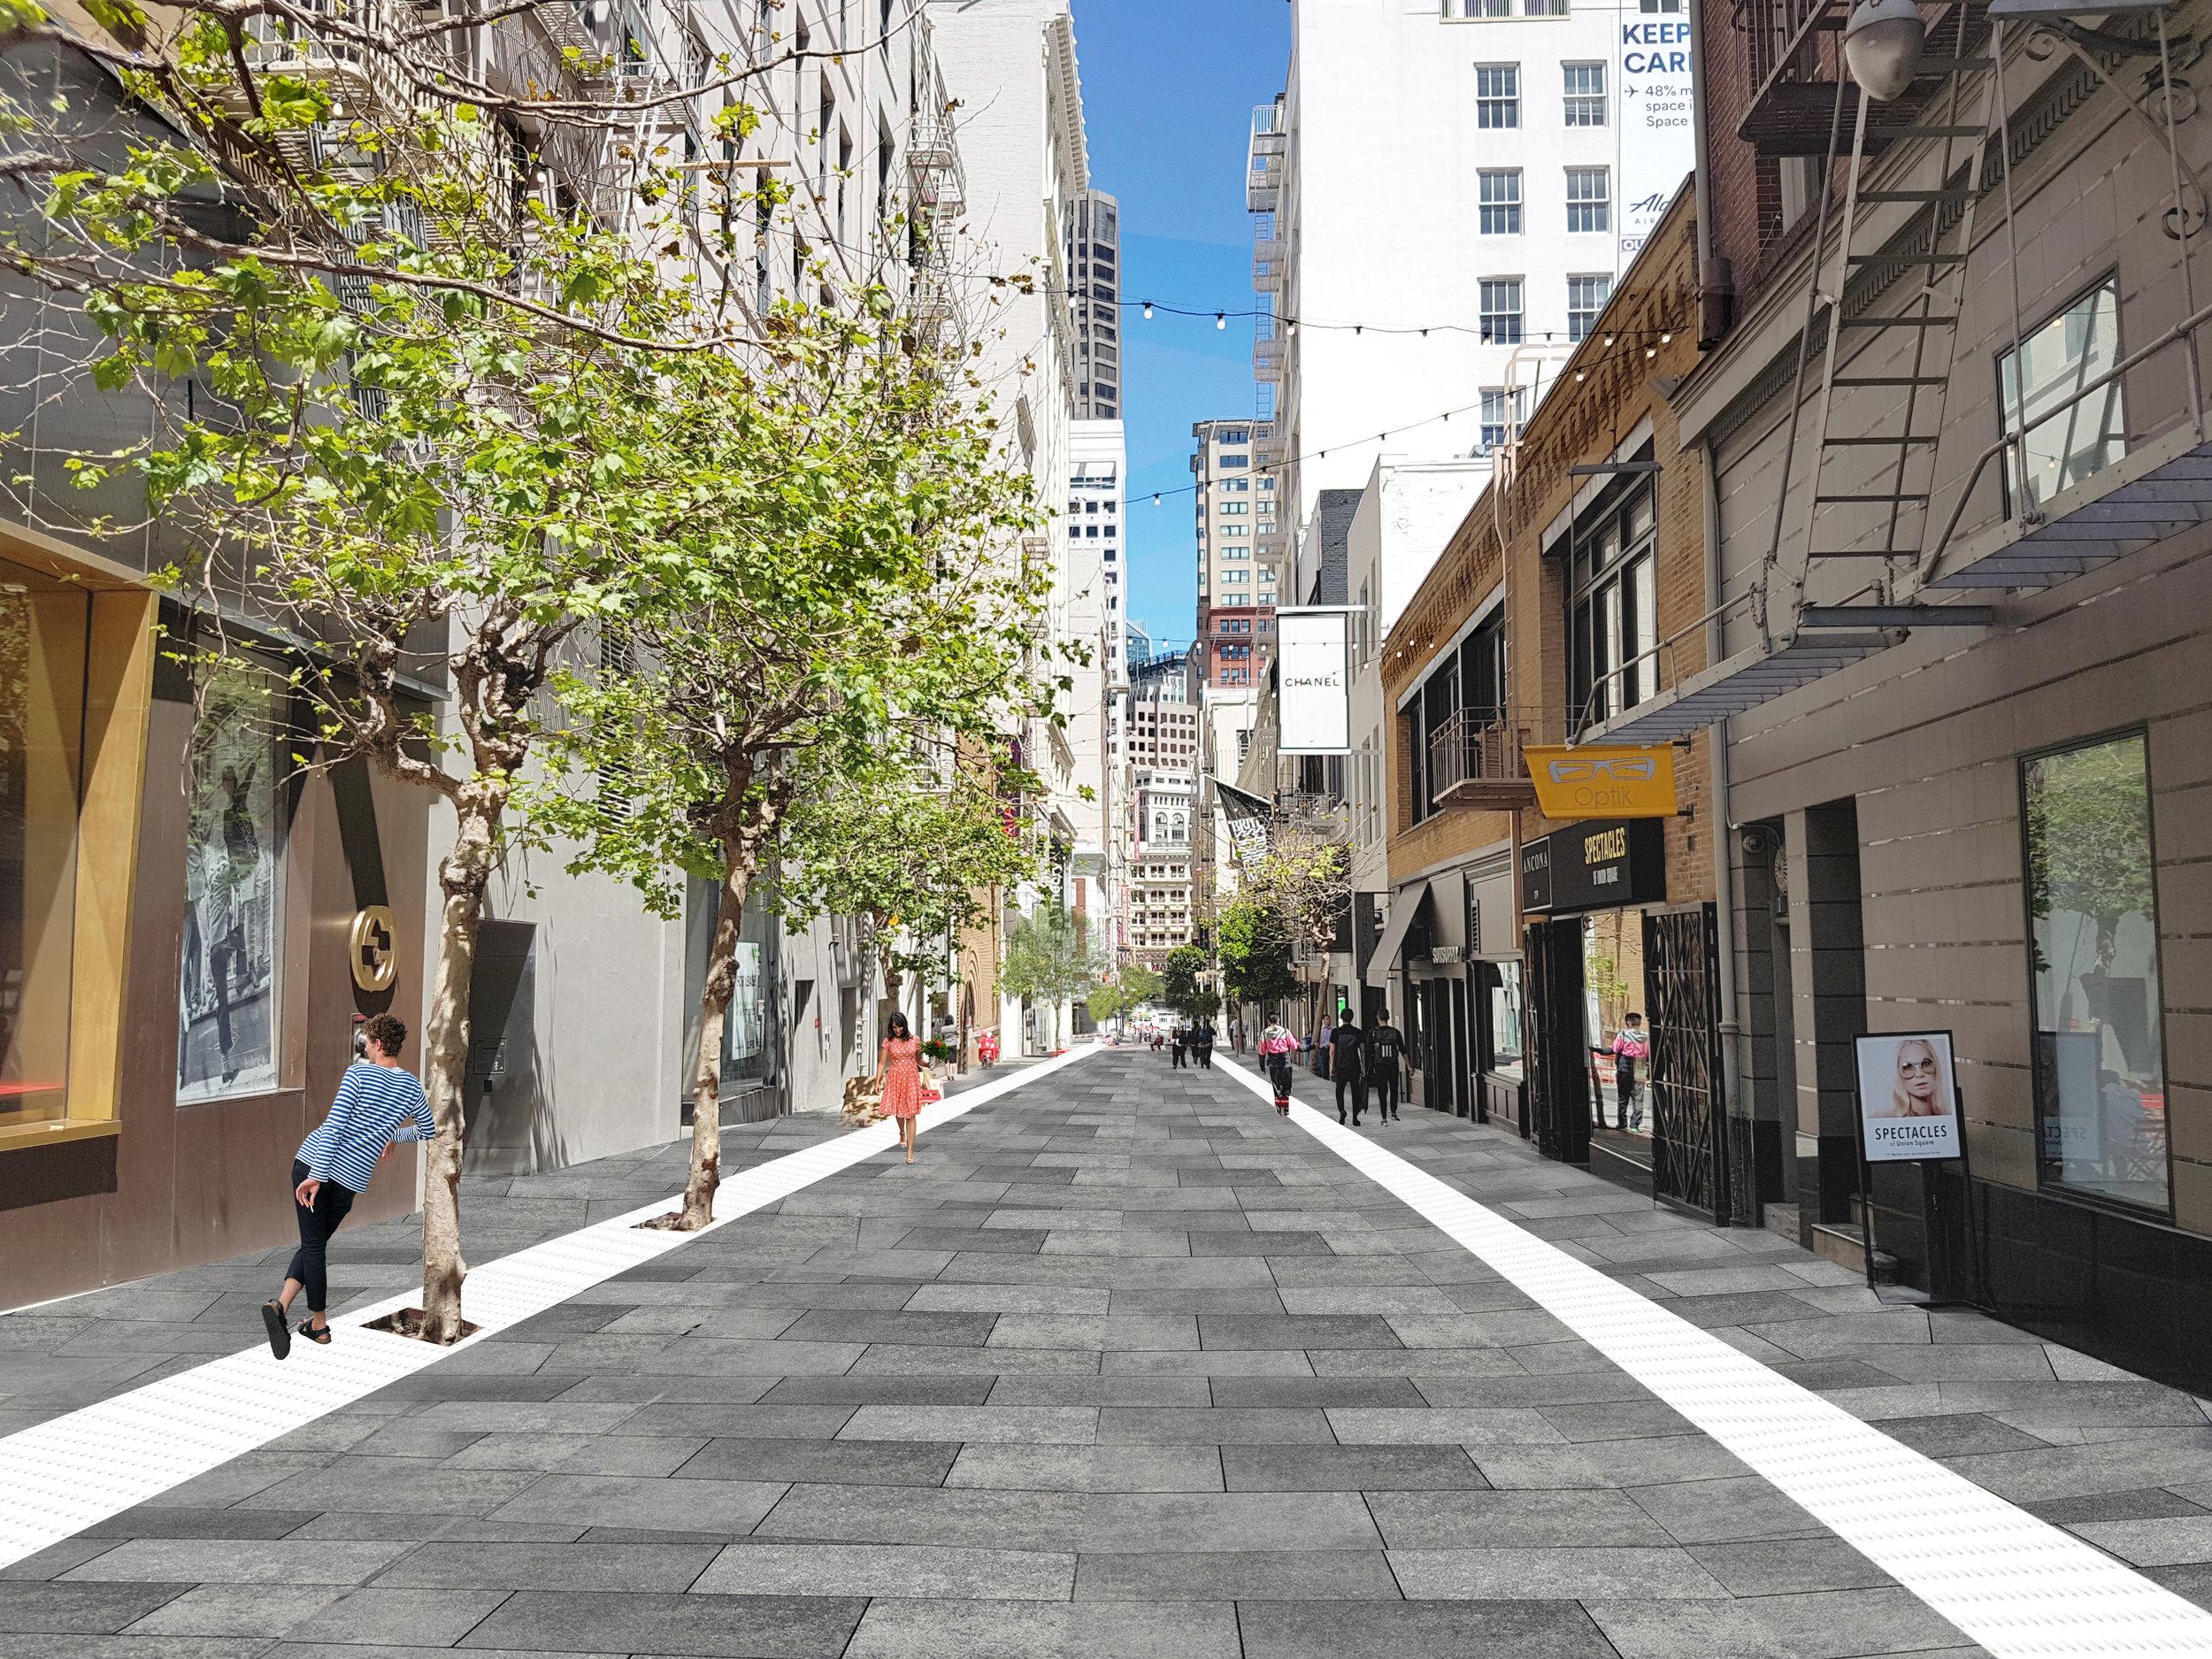 Maiden lane 1 proposed PAVING.jpg